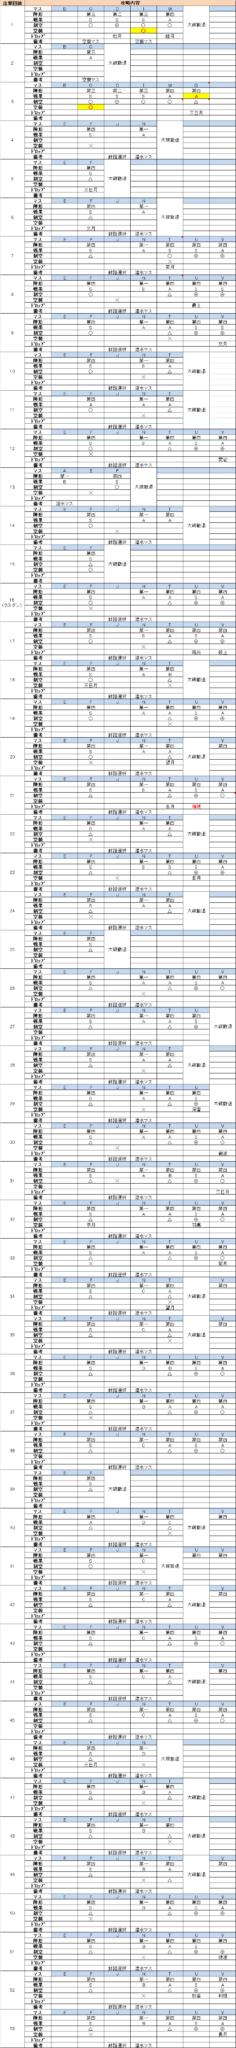 艦これ_2018年_冬イベ_E7_撃破ゲージ1_29